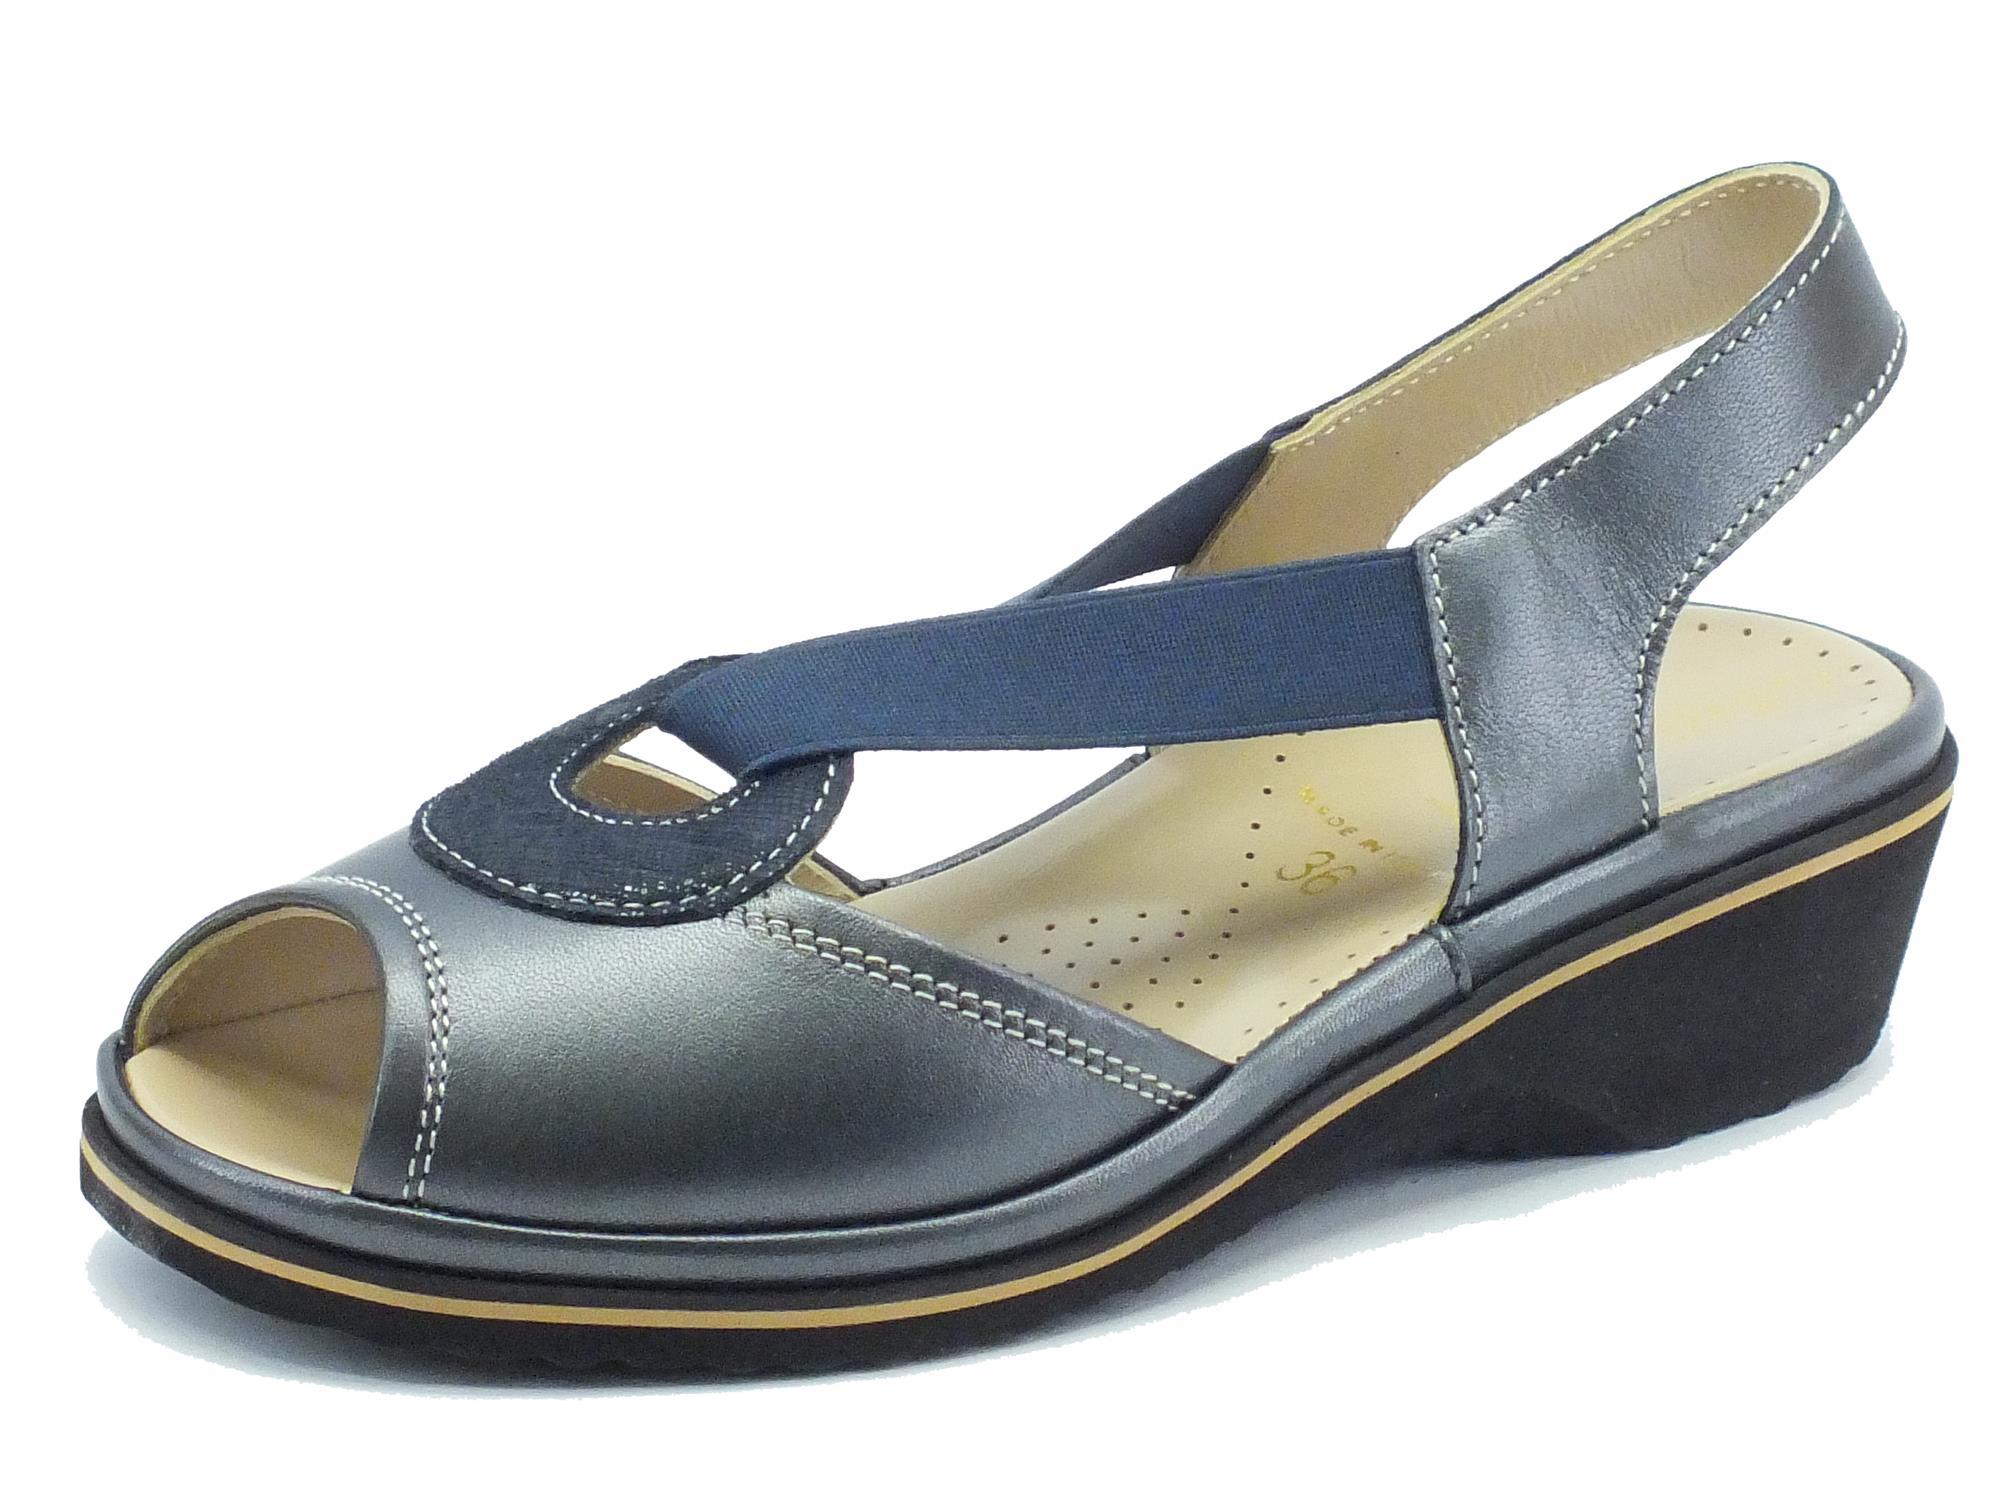 per Cinzia donna amp; Primavera beige Calzature Accessori Soft IBqTUwnpx